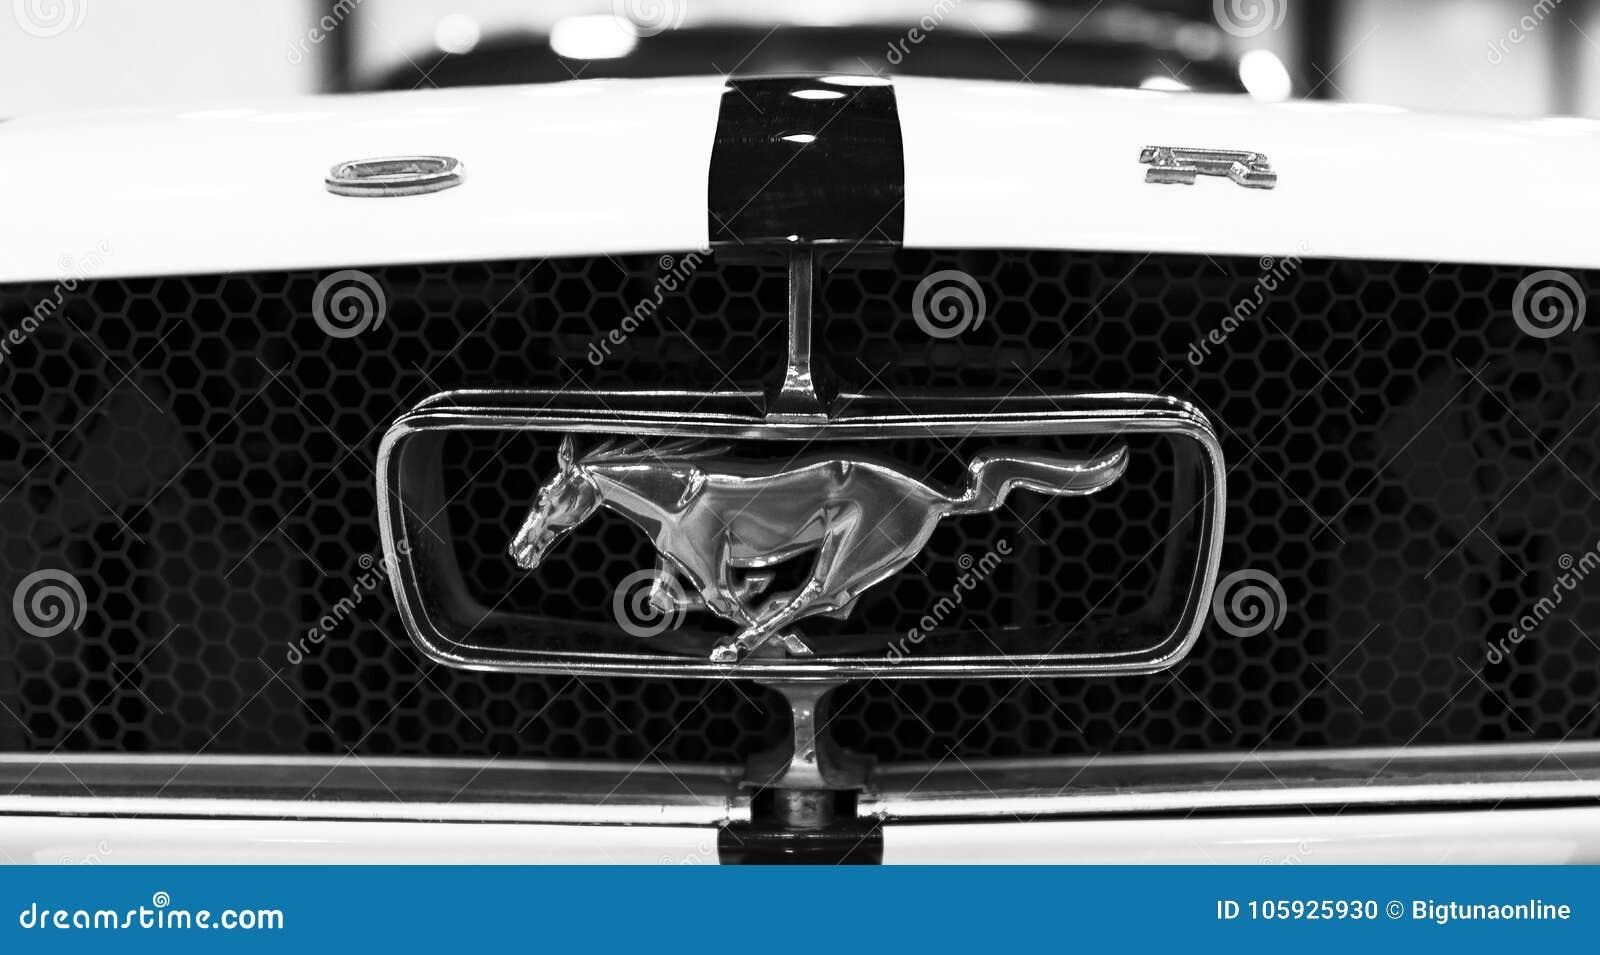 Frontowy Widok Klasyczny Retro Ford Mustanga Gt Logo Z Dzialajacym